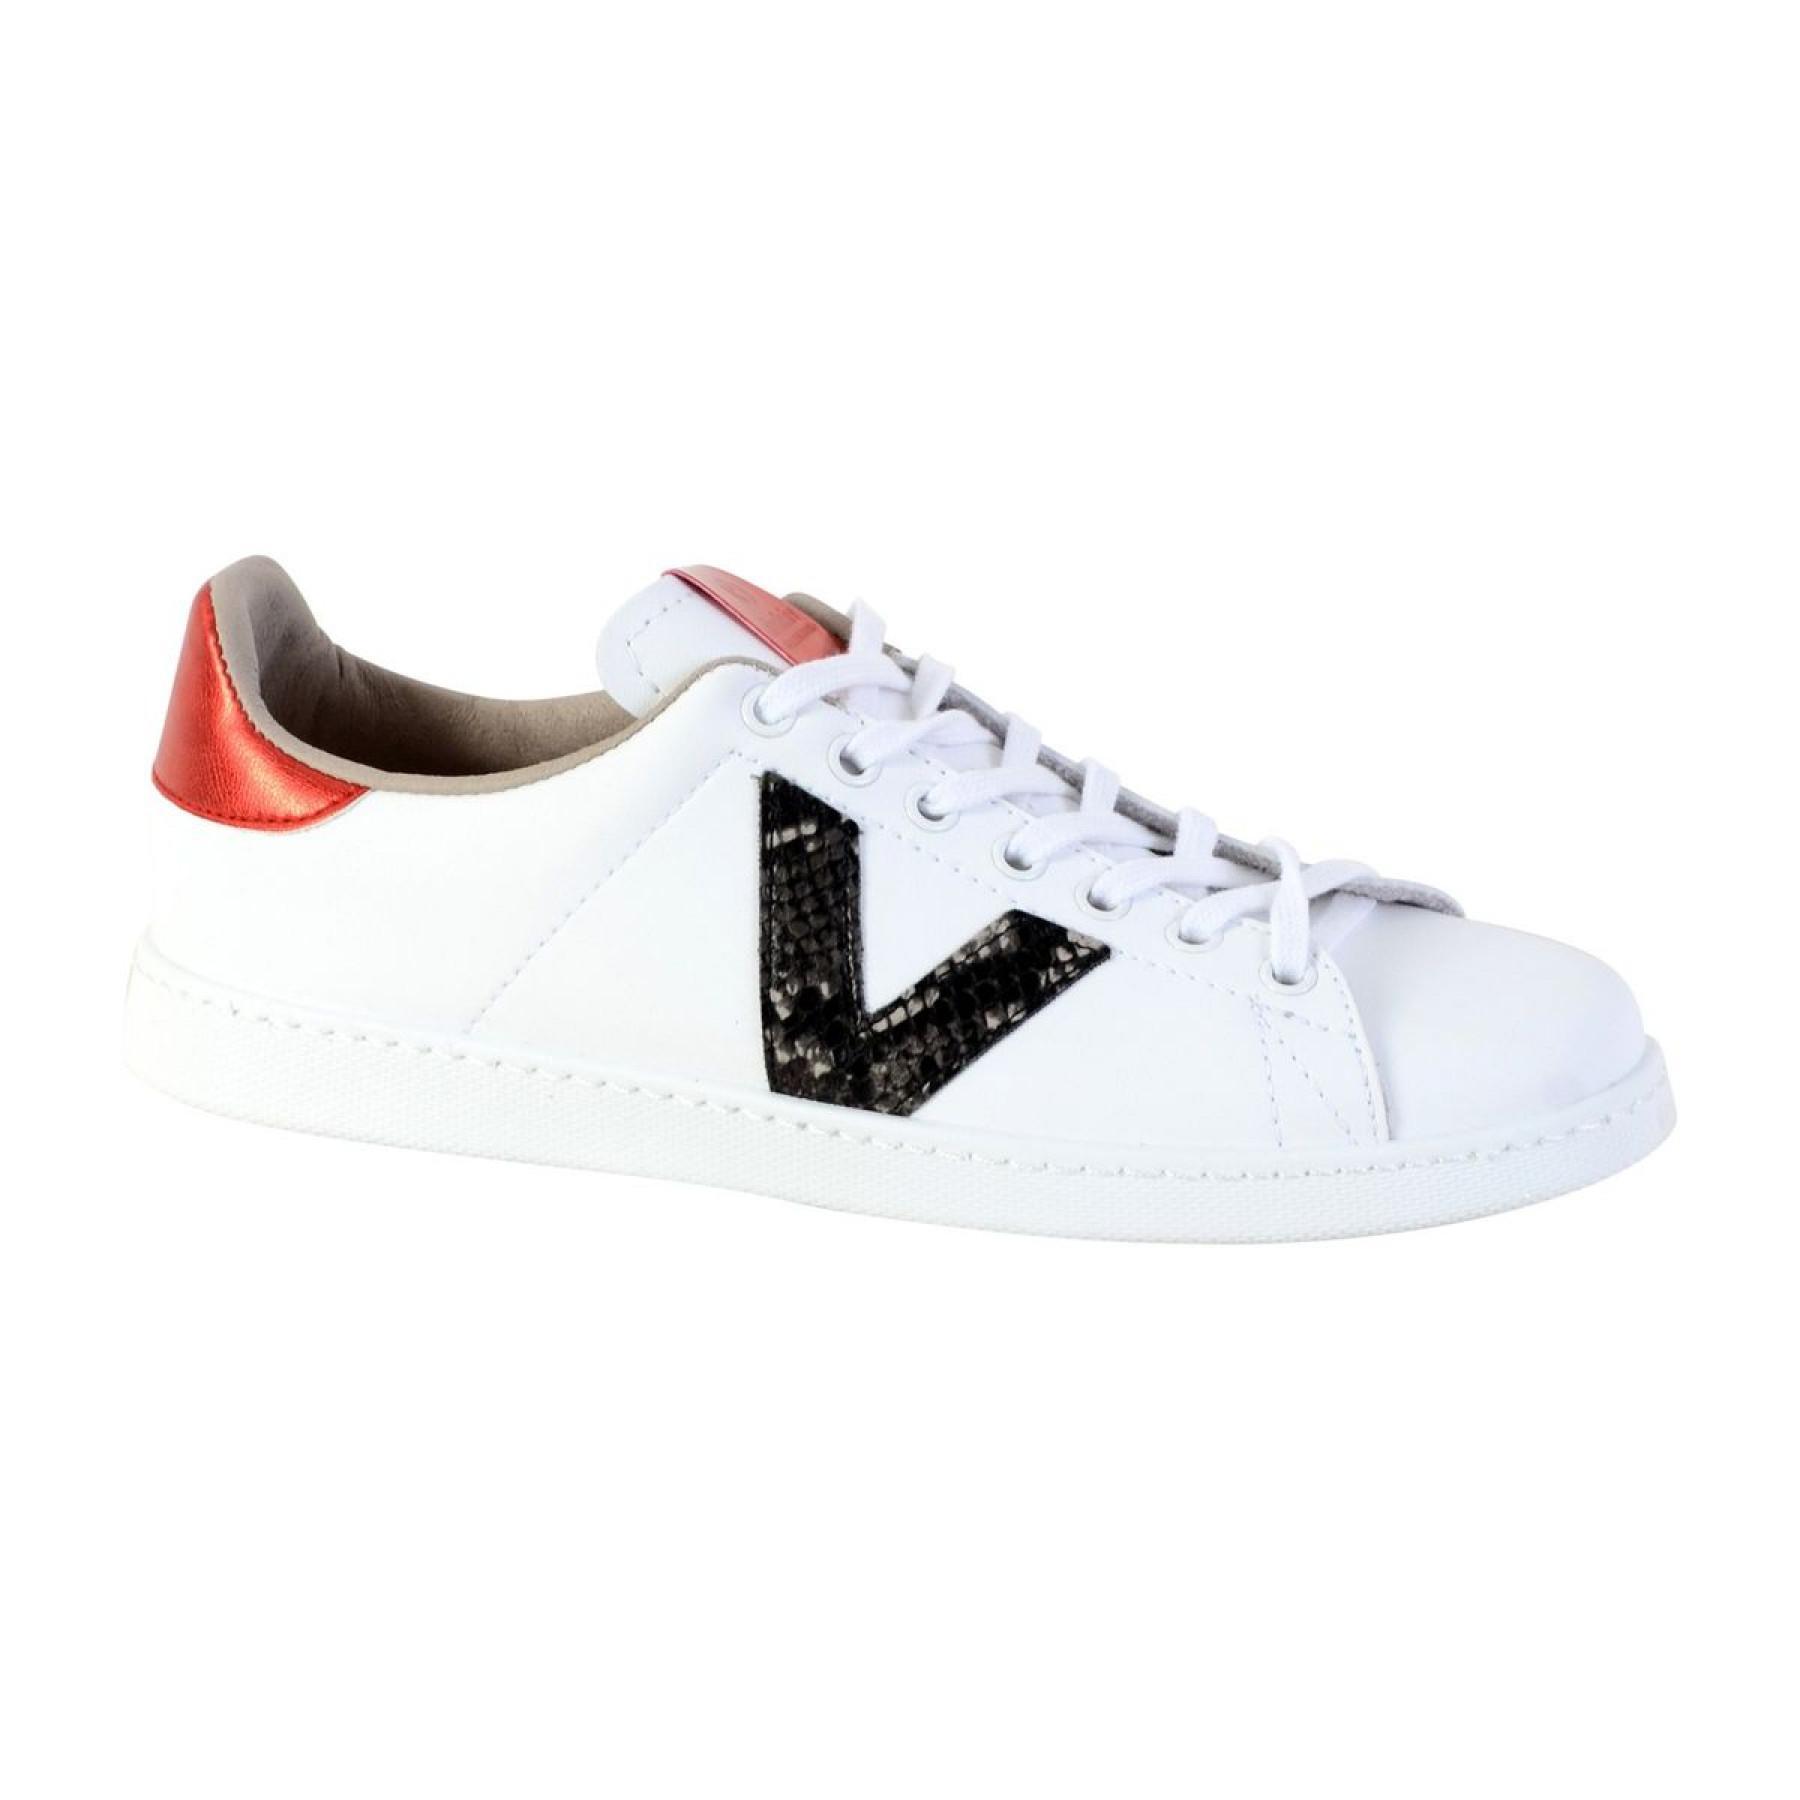 Victoria Tenis Multiprint women's sneakers